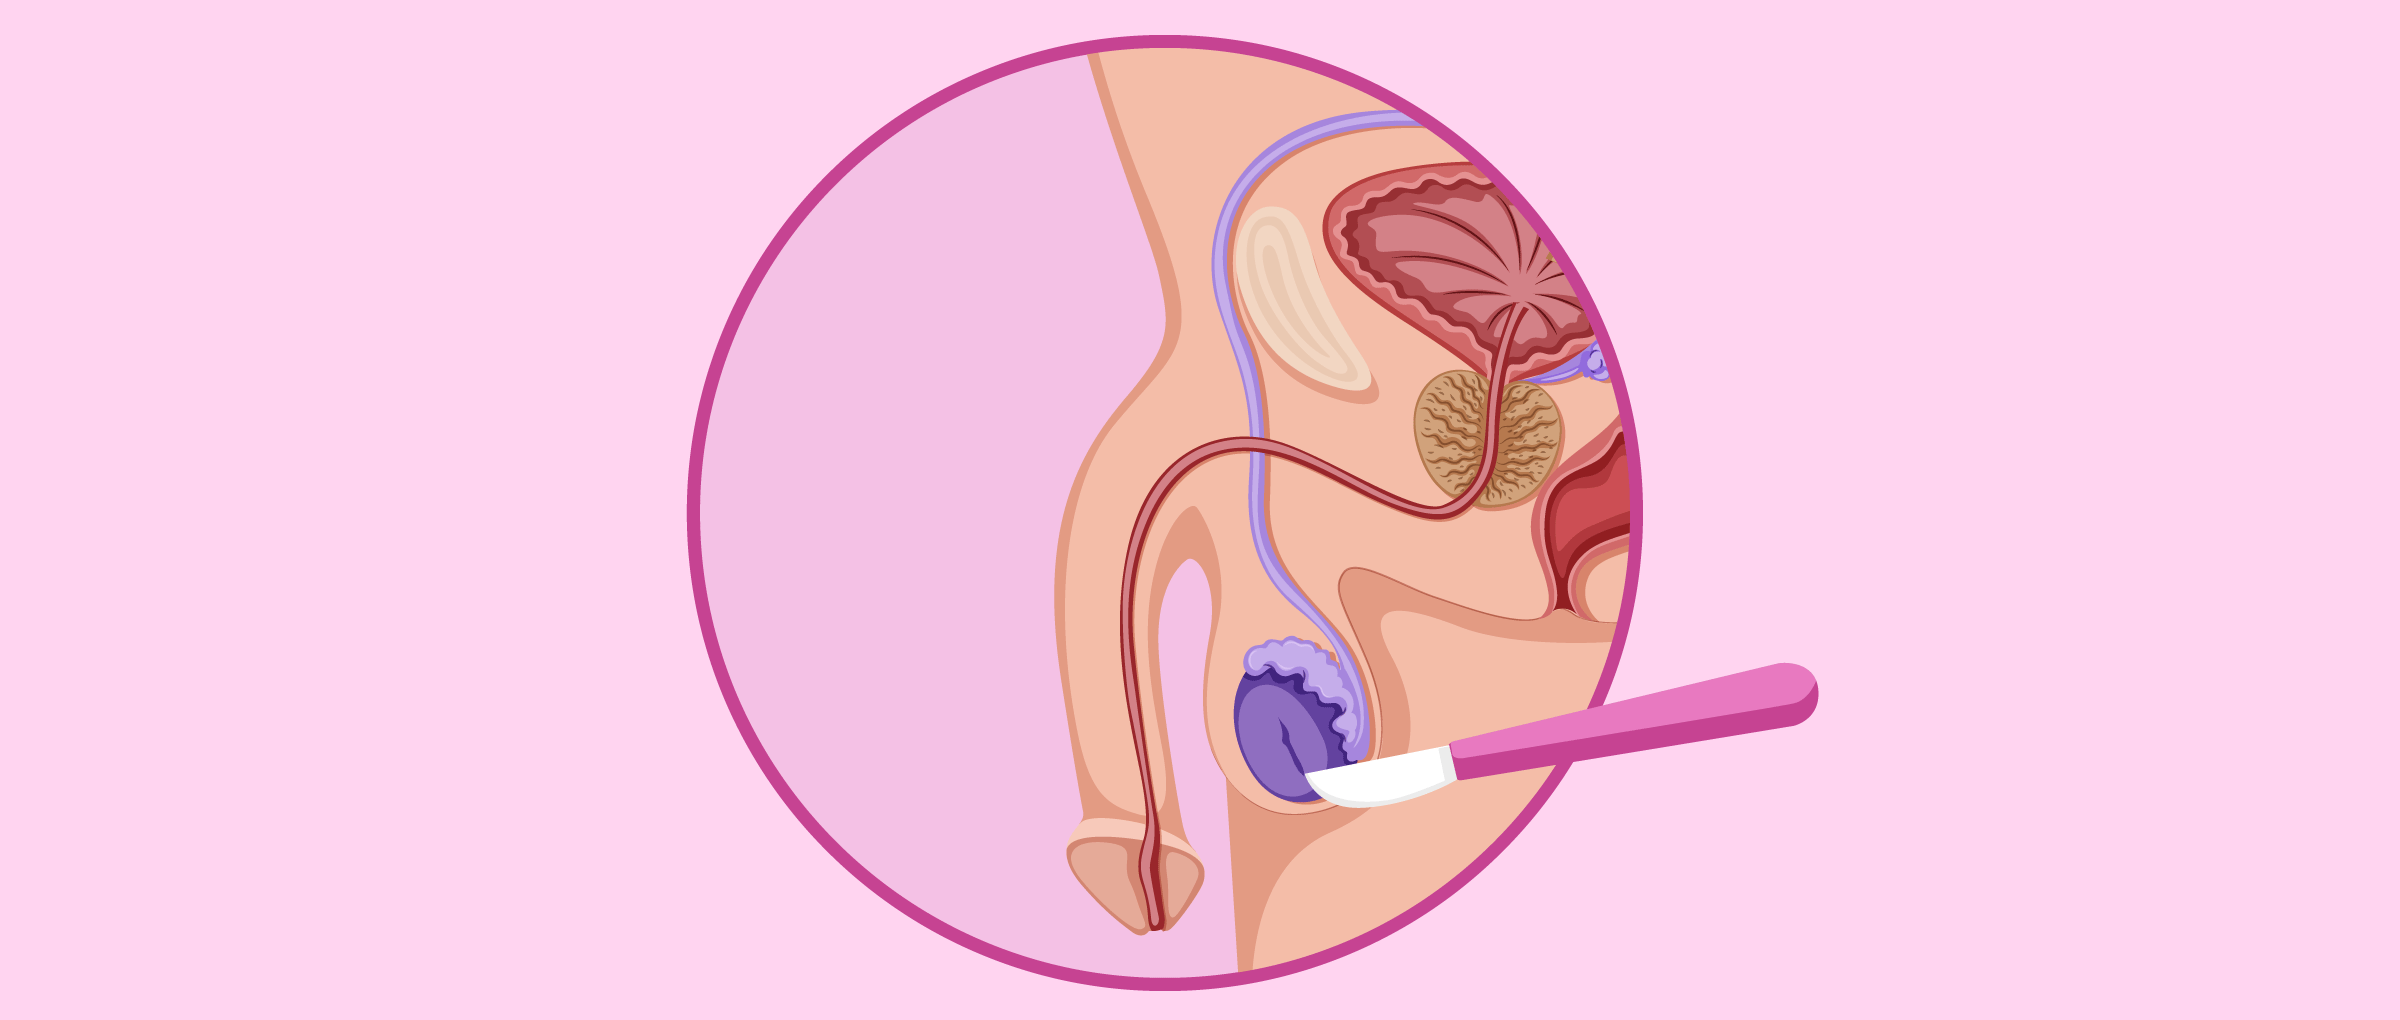 La biopsie testiculaire pour vérifier la production de spermatozoïdes